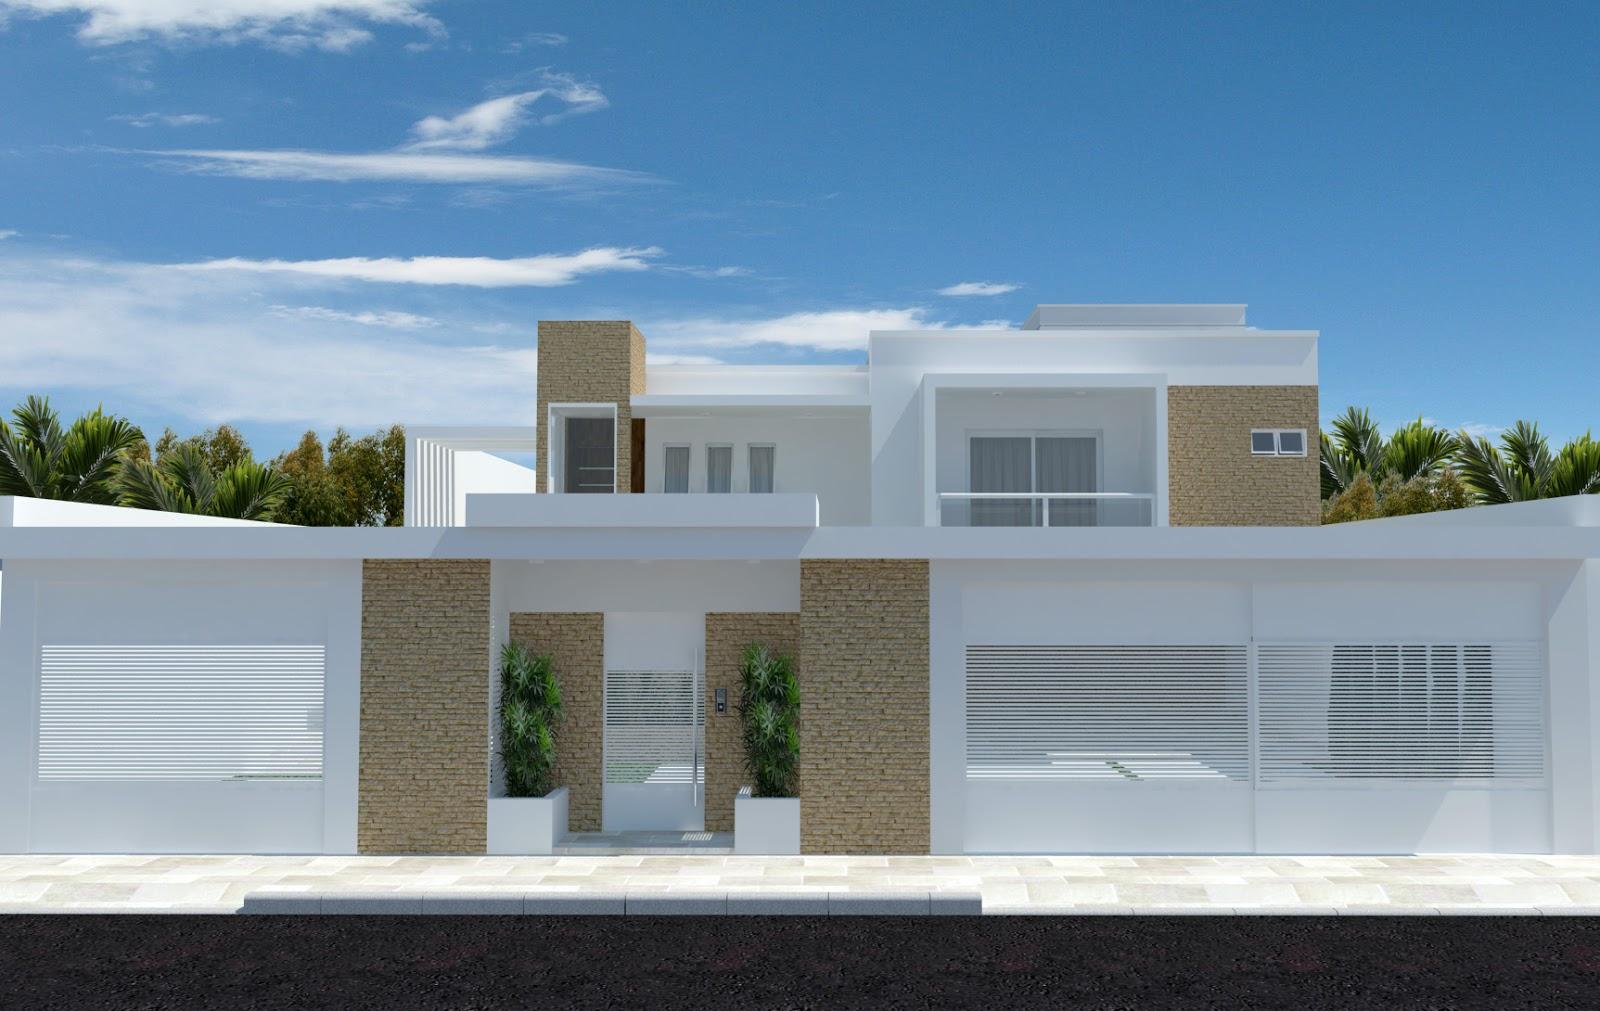 Fachadas de muro perfeitamente integrada e harmônica ao projeto